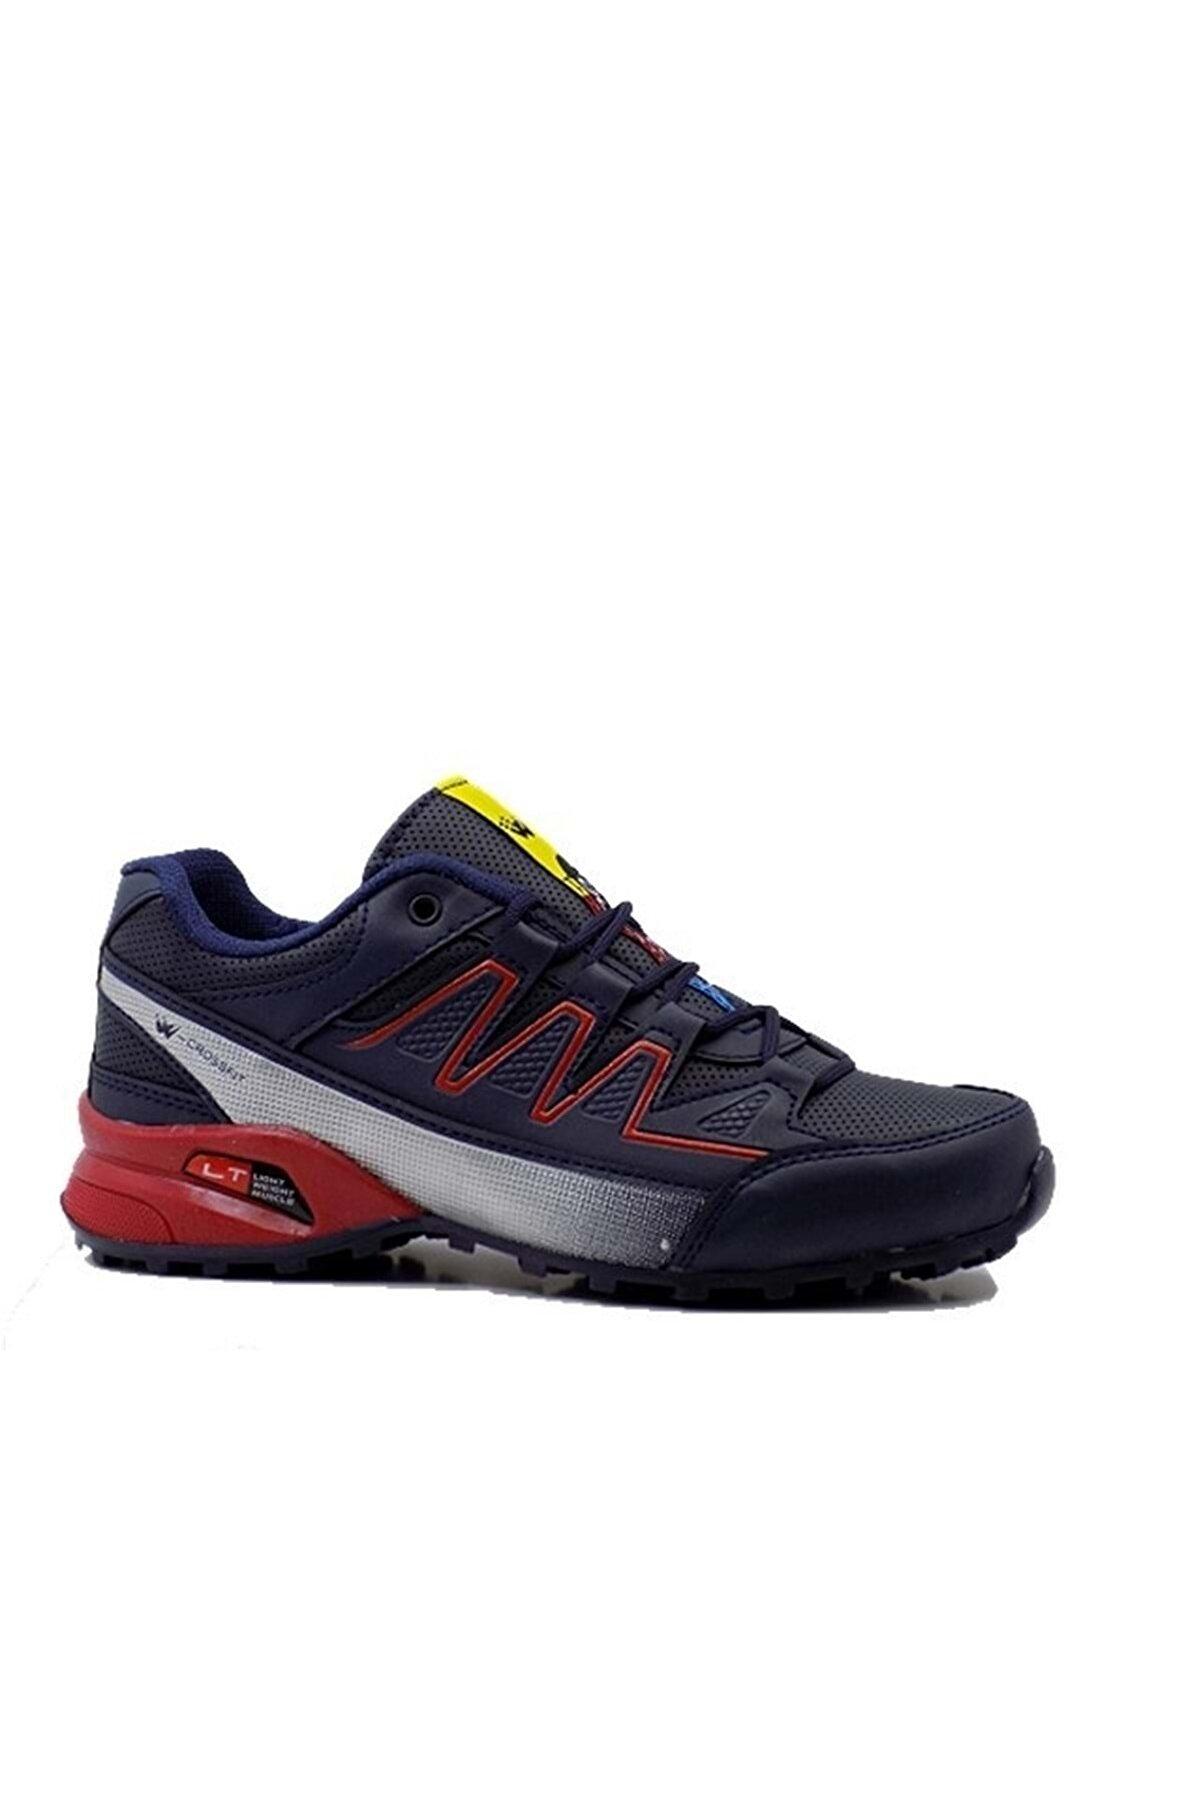 BİNAYAK Wanderfull - Unisex Spor Ayakkabı - 4078 - Lacivert-gümüş-kırmızı - 39